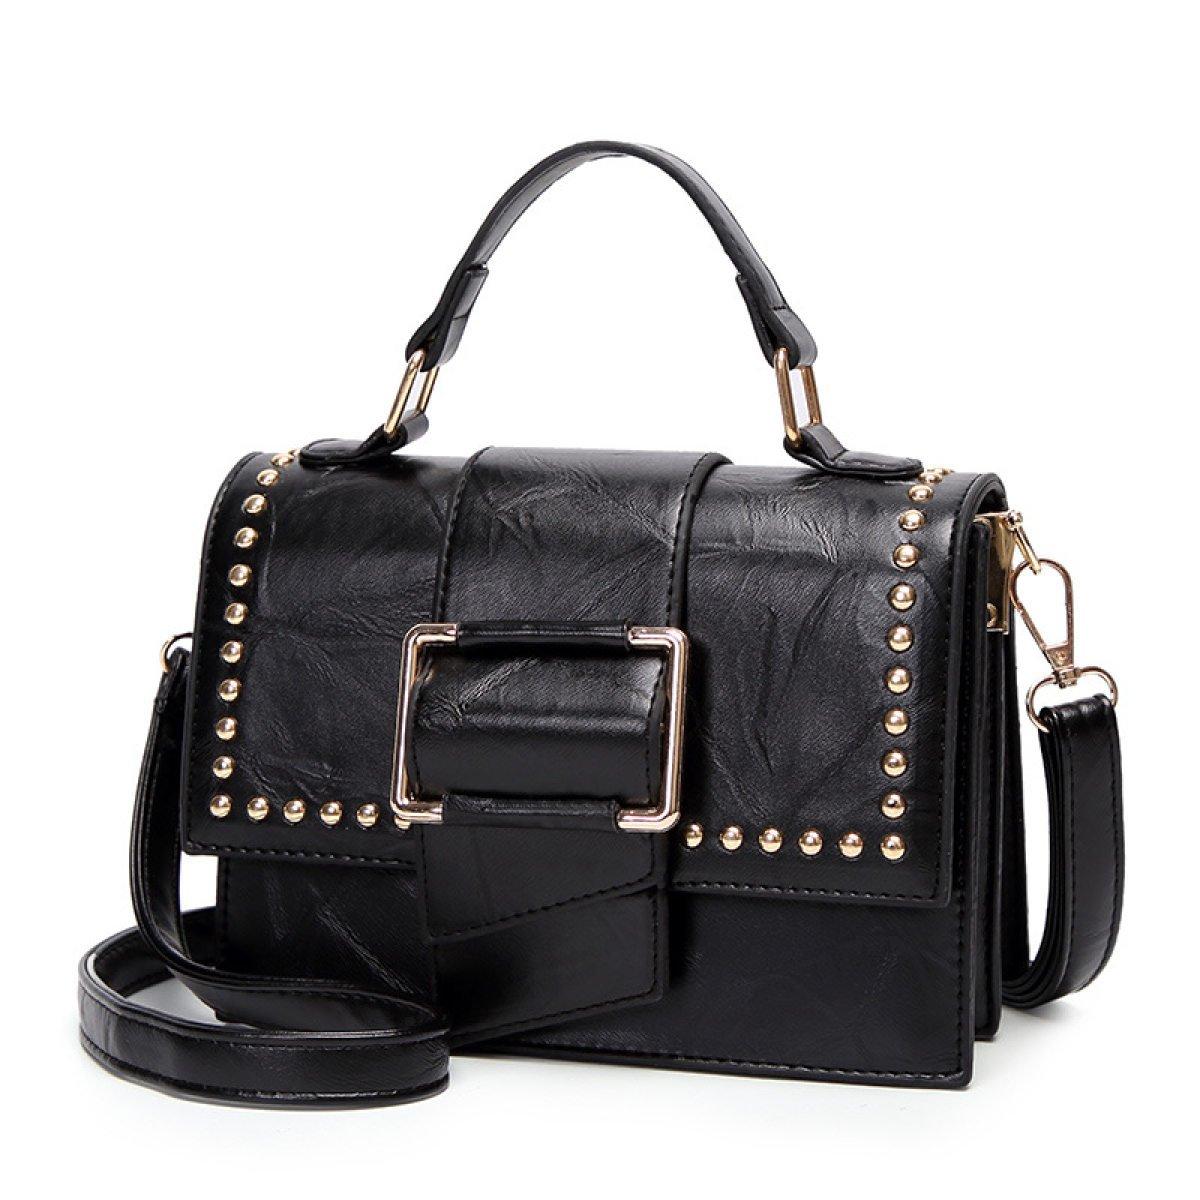 Retro Frauen Schulter Messenger Bag Lady Leder Leder Leder Handtaschen Portable Office Bag Totes B07BS2PTL6 Henkeltaschen Viele Stile 3648d0